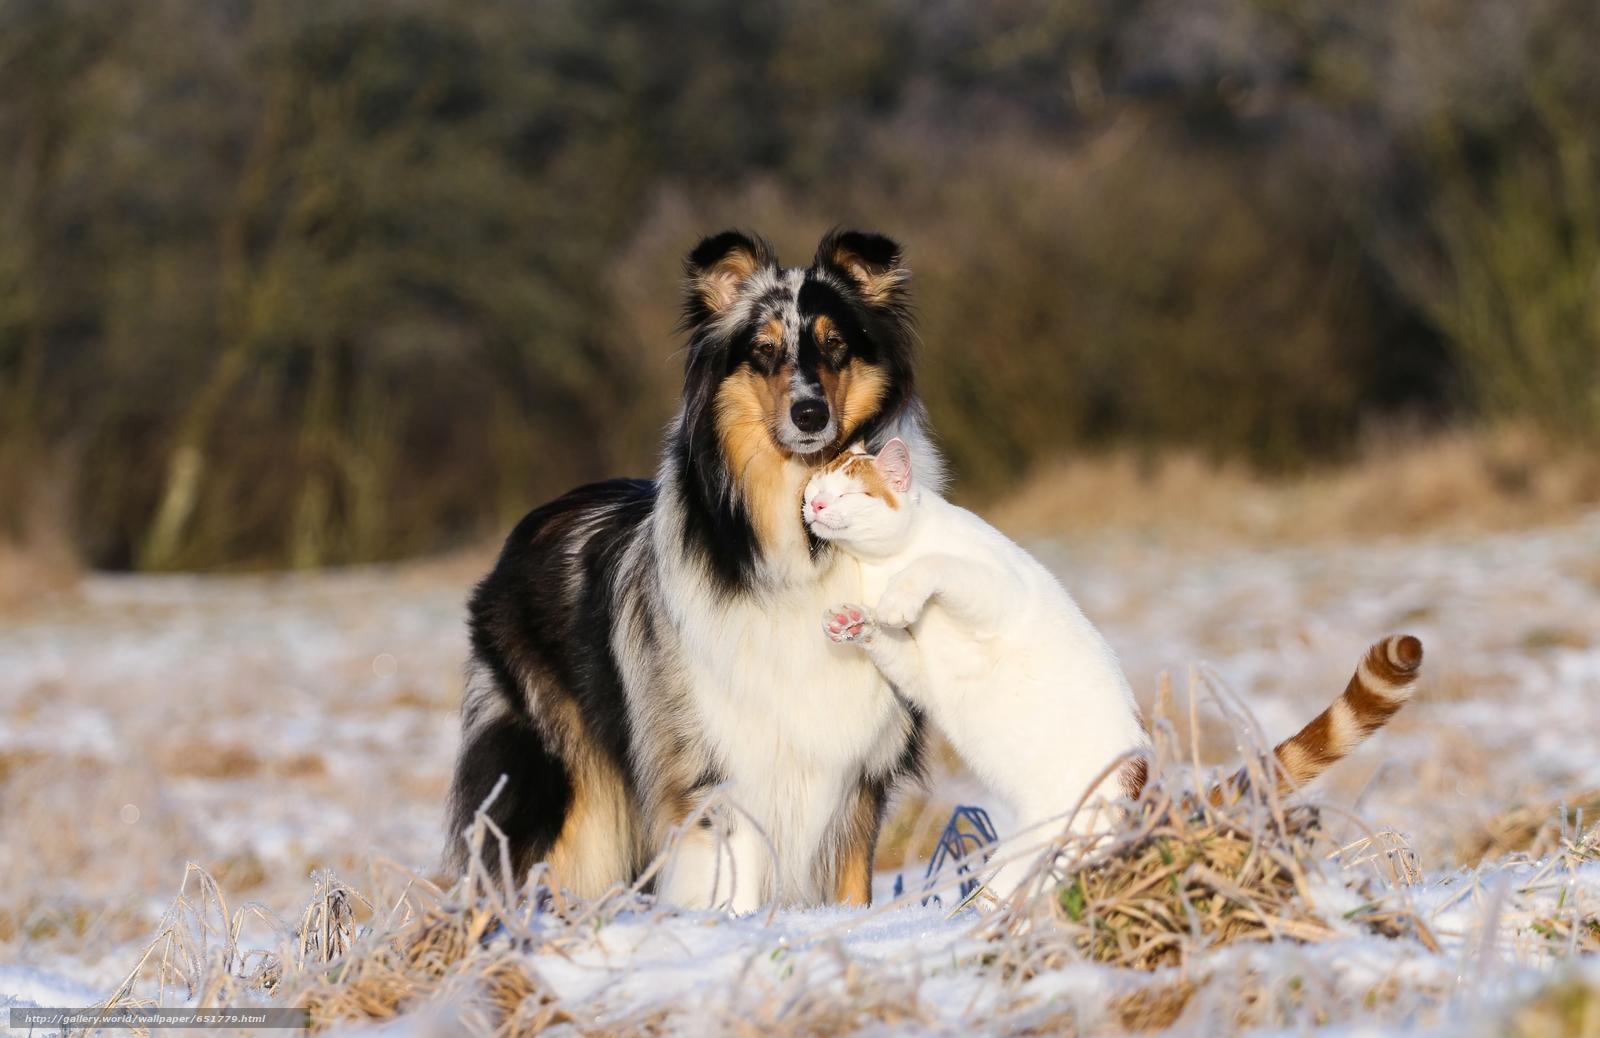 scaricare gli sfondi Collie,  cane,  COTE,  gatto Sfondi gratis per la risoluzione del desktop 5279x3424 — immagine №651779